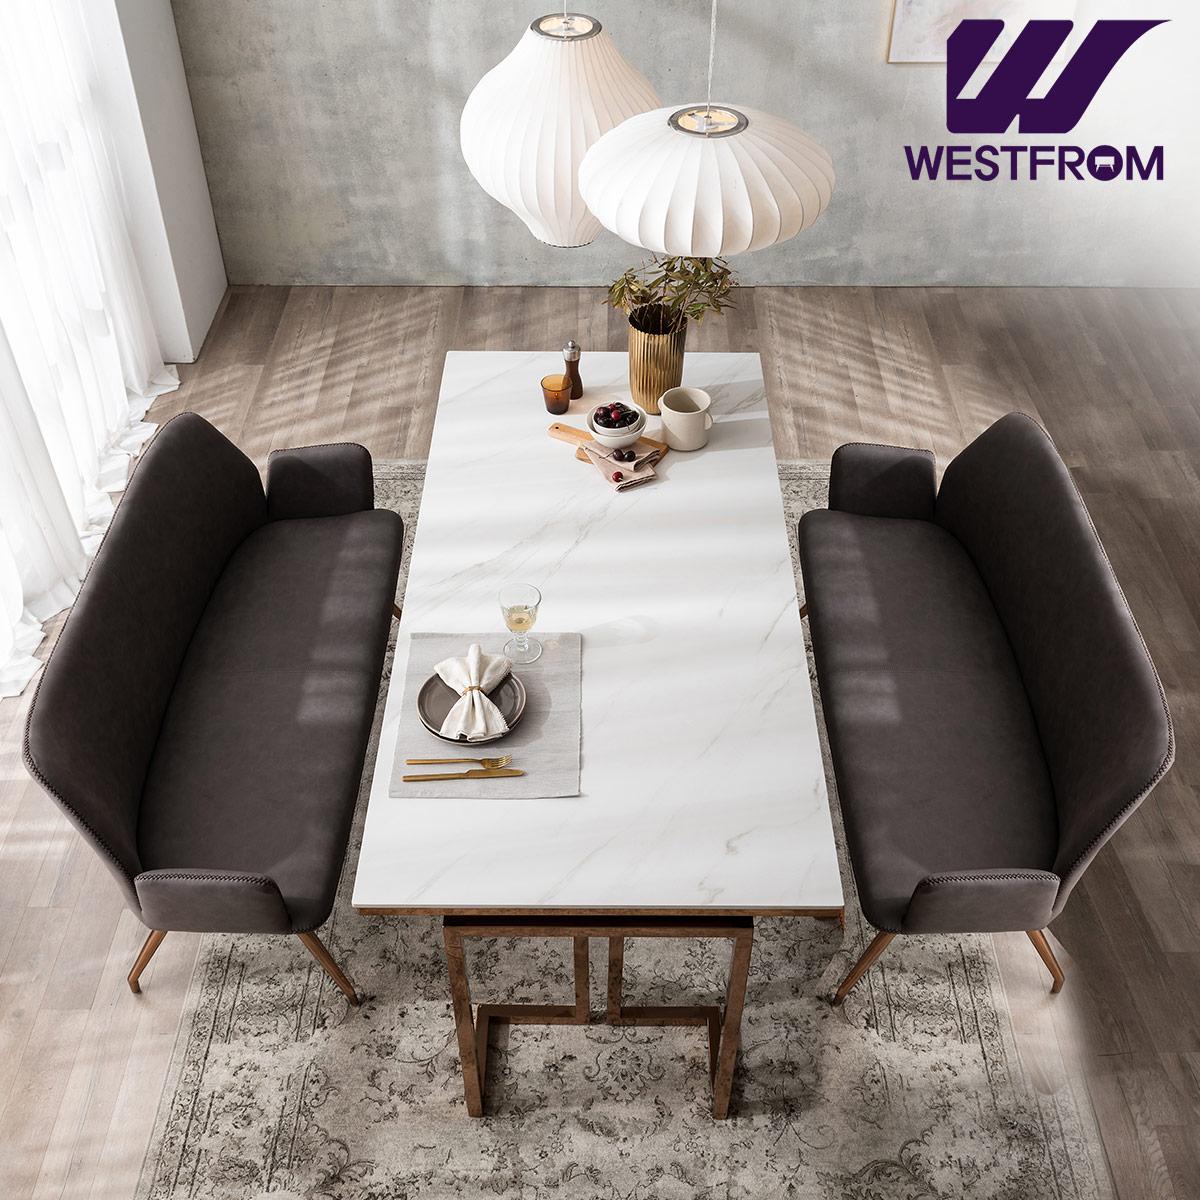 [웨스트프롬] 르노블 6인 포세린 세라믹 식탁 + 벤치 2개